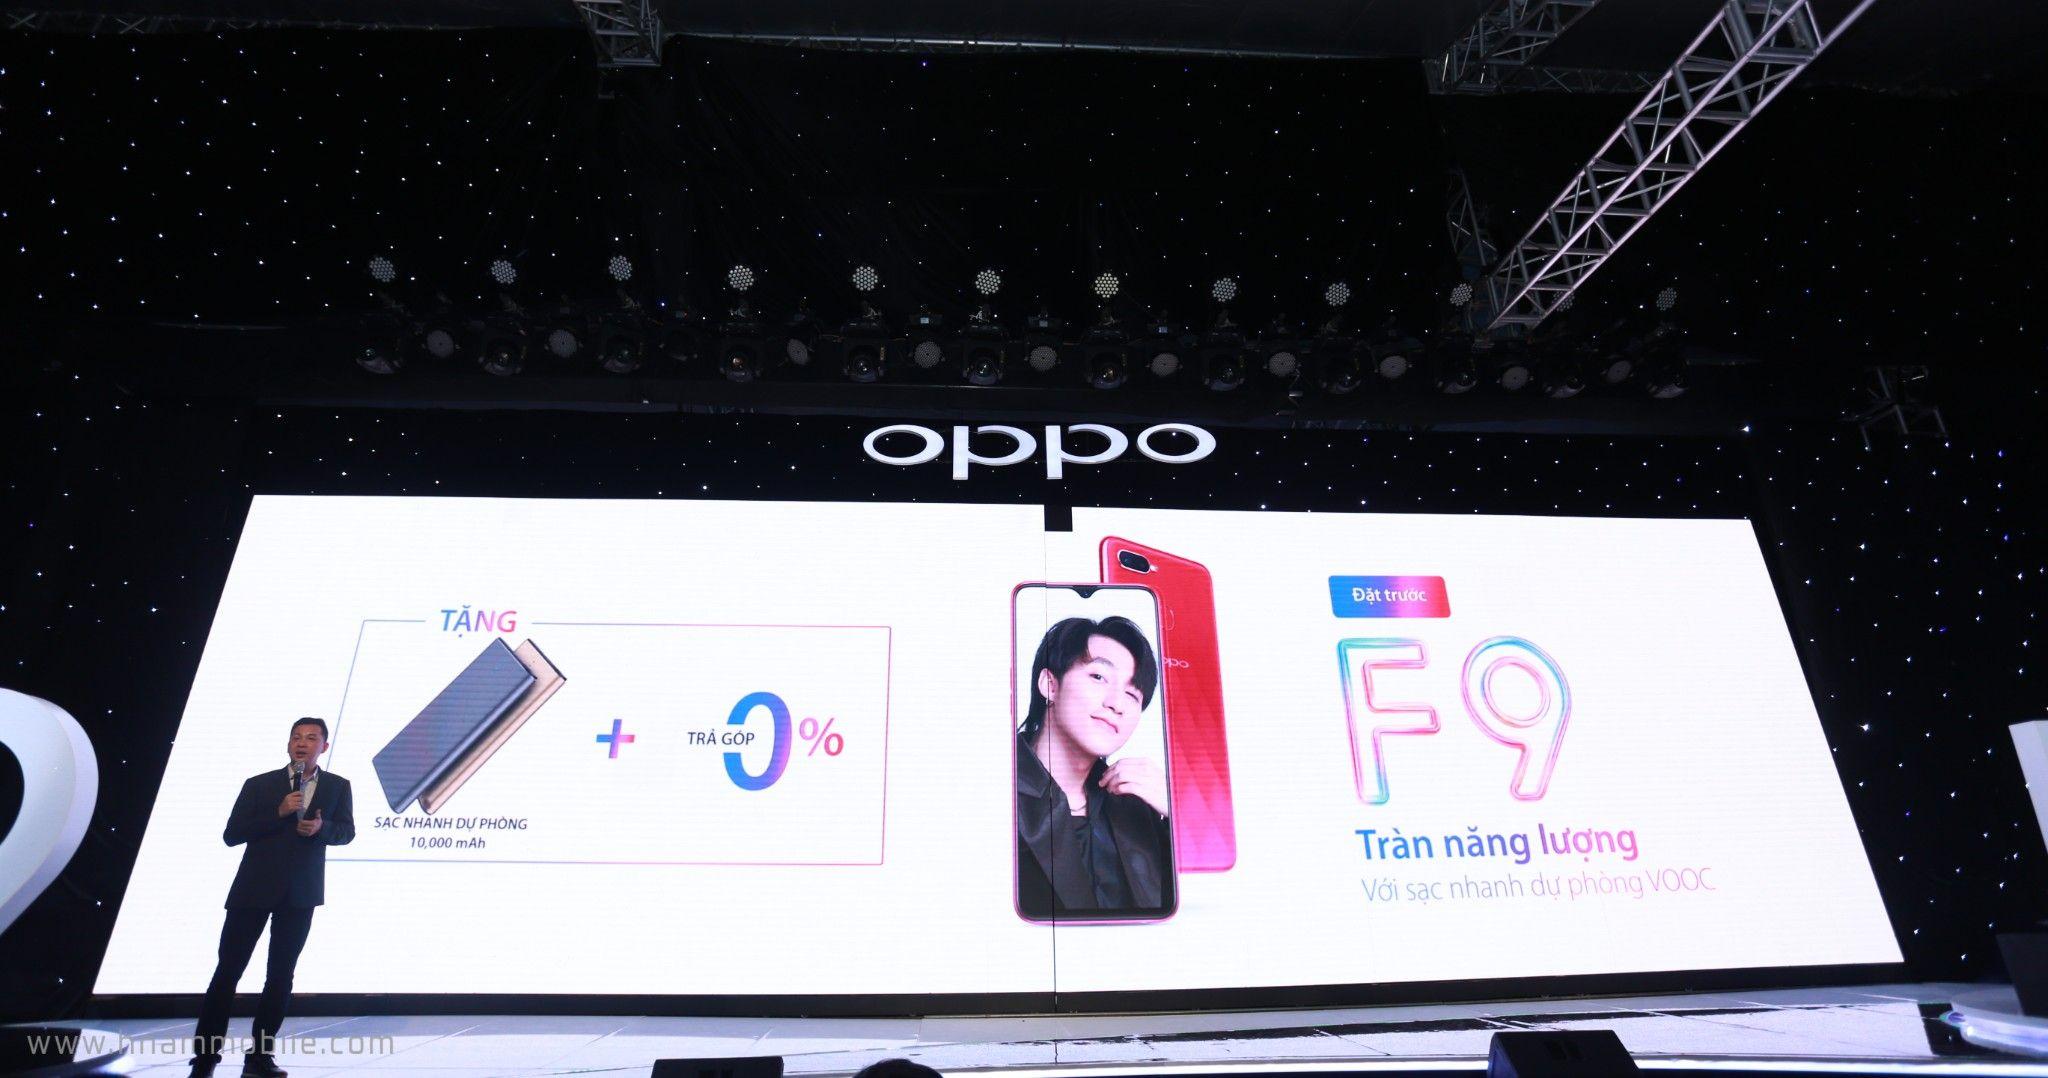 OPPO F9 ra mắt: Màn hình giọt nước, sạc nhanh VOOC, camera kép, giá 7.690.000 VNĐ hình 8